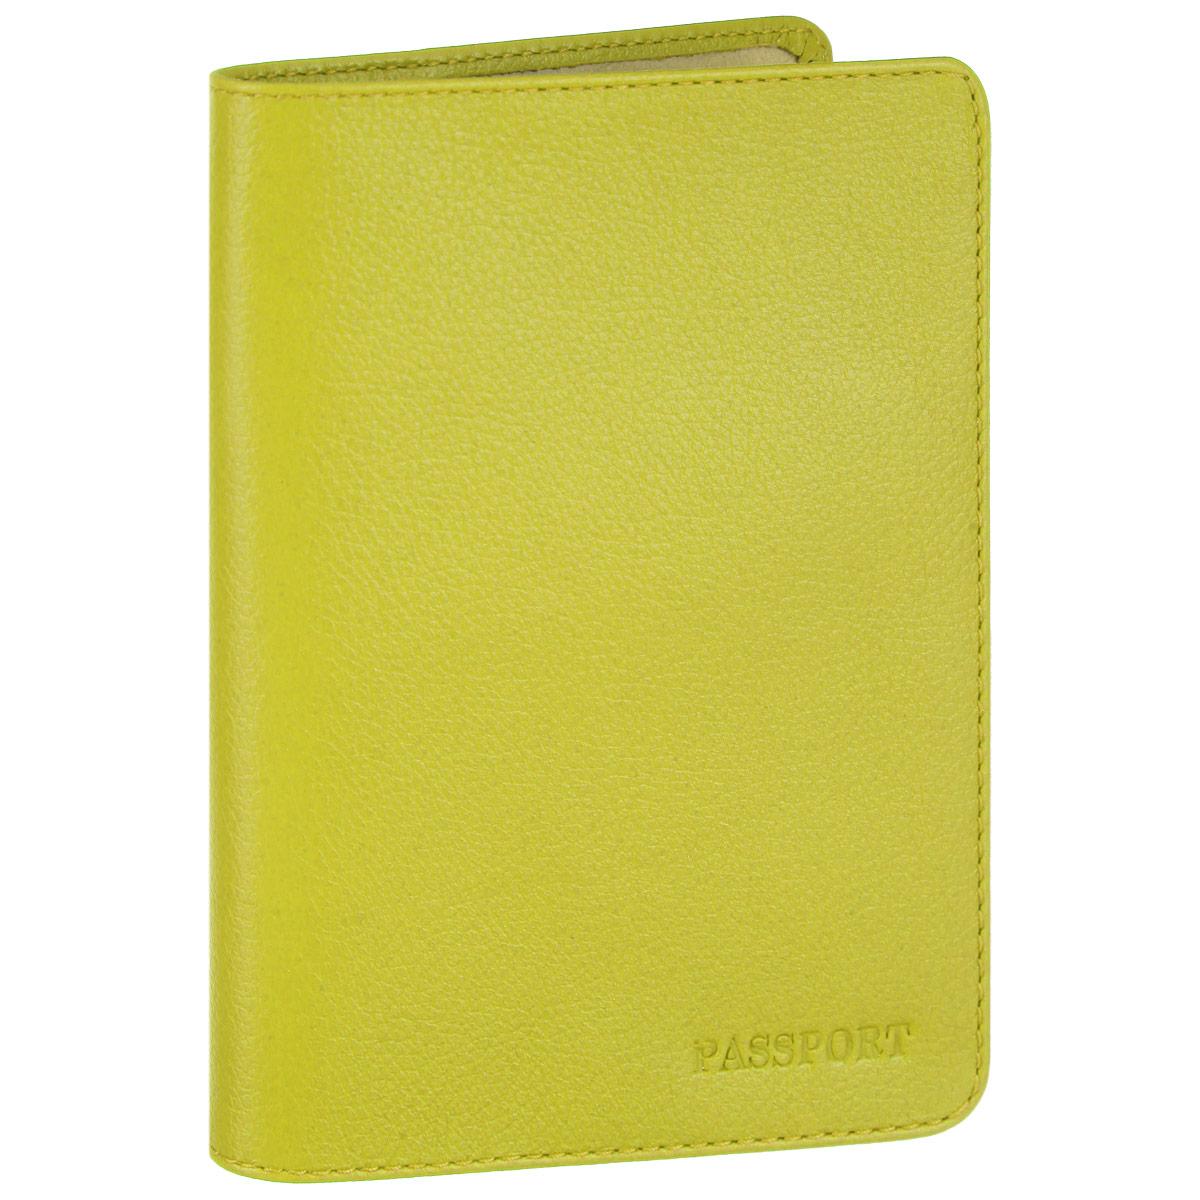 Обложка для паспорта Fabula, цвет: салатовый. O.53.FPO.1.KK.черныйСтильная обложка для паспорта Fabula выполнена из натуральной кожи с зернистой текстурой, оформлена надписью Passport. Обложка для паспорта раскладывается пополам, внутри расположены два пластиковых кармашка.Такая обложка для паспорта станет прекрасным и стильным подарком человеку, любящему оригинальные и практичные вещи.